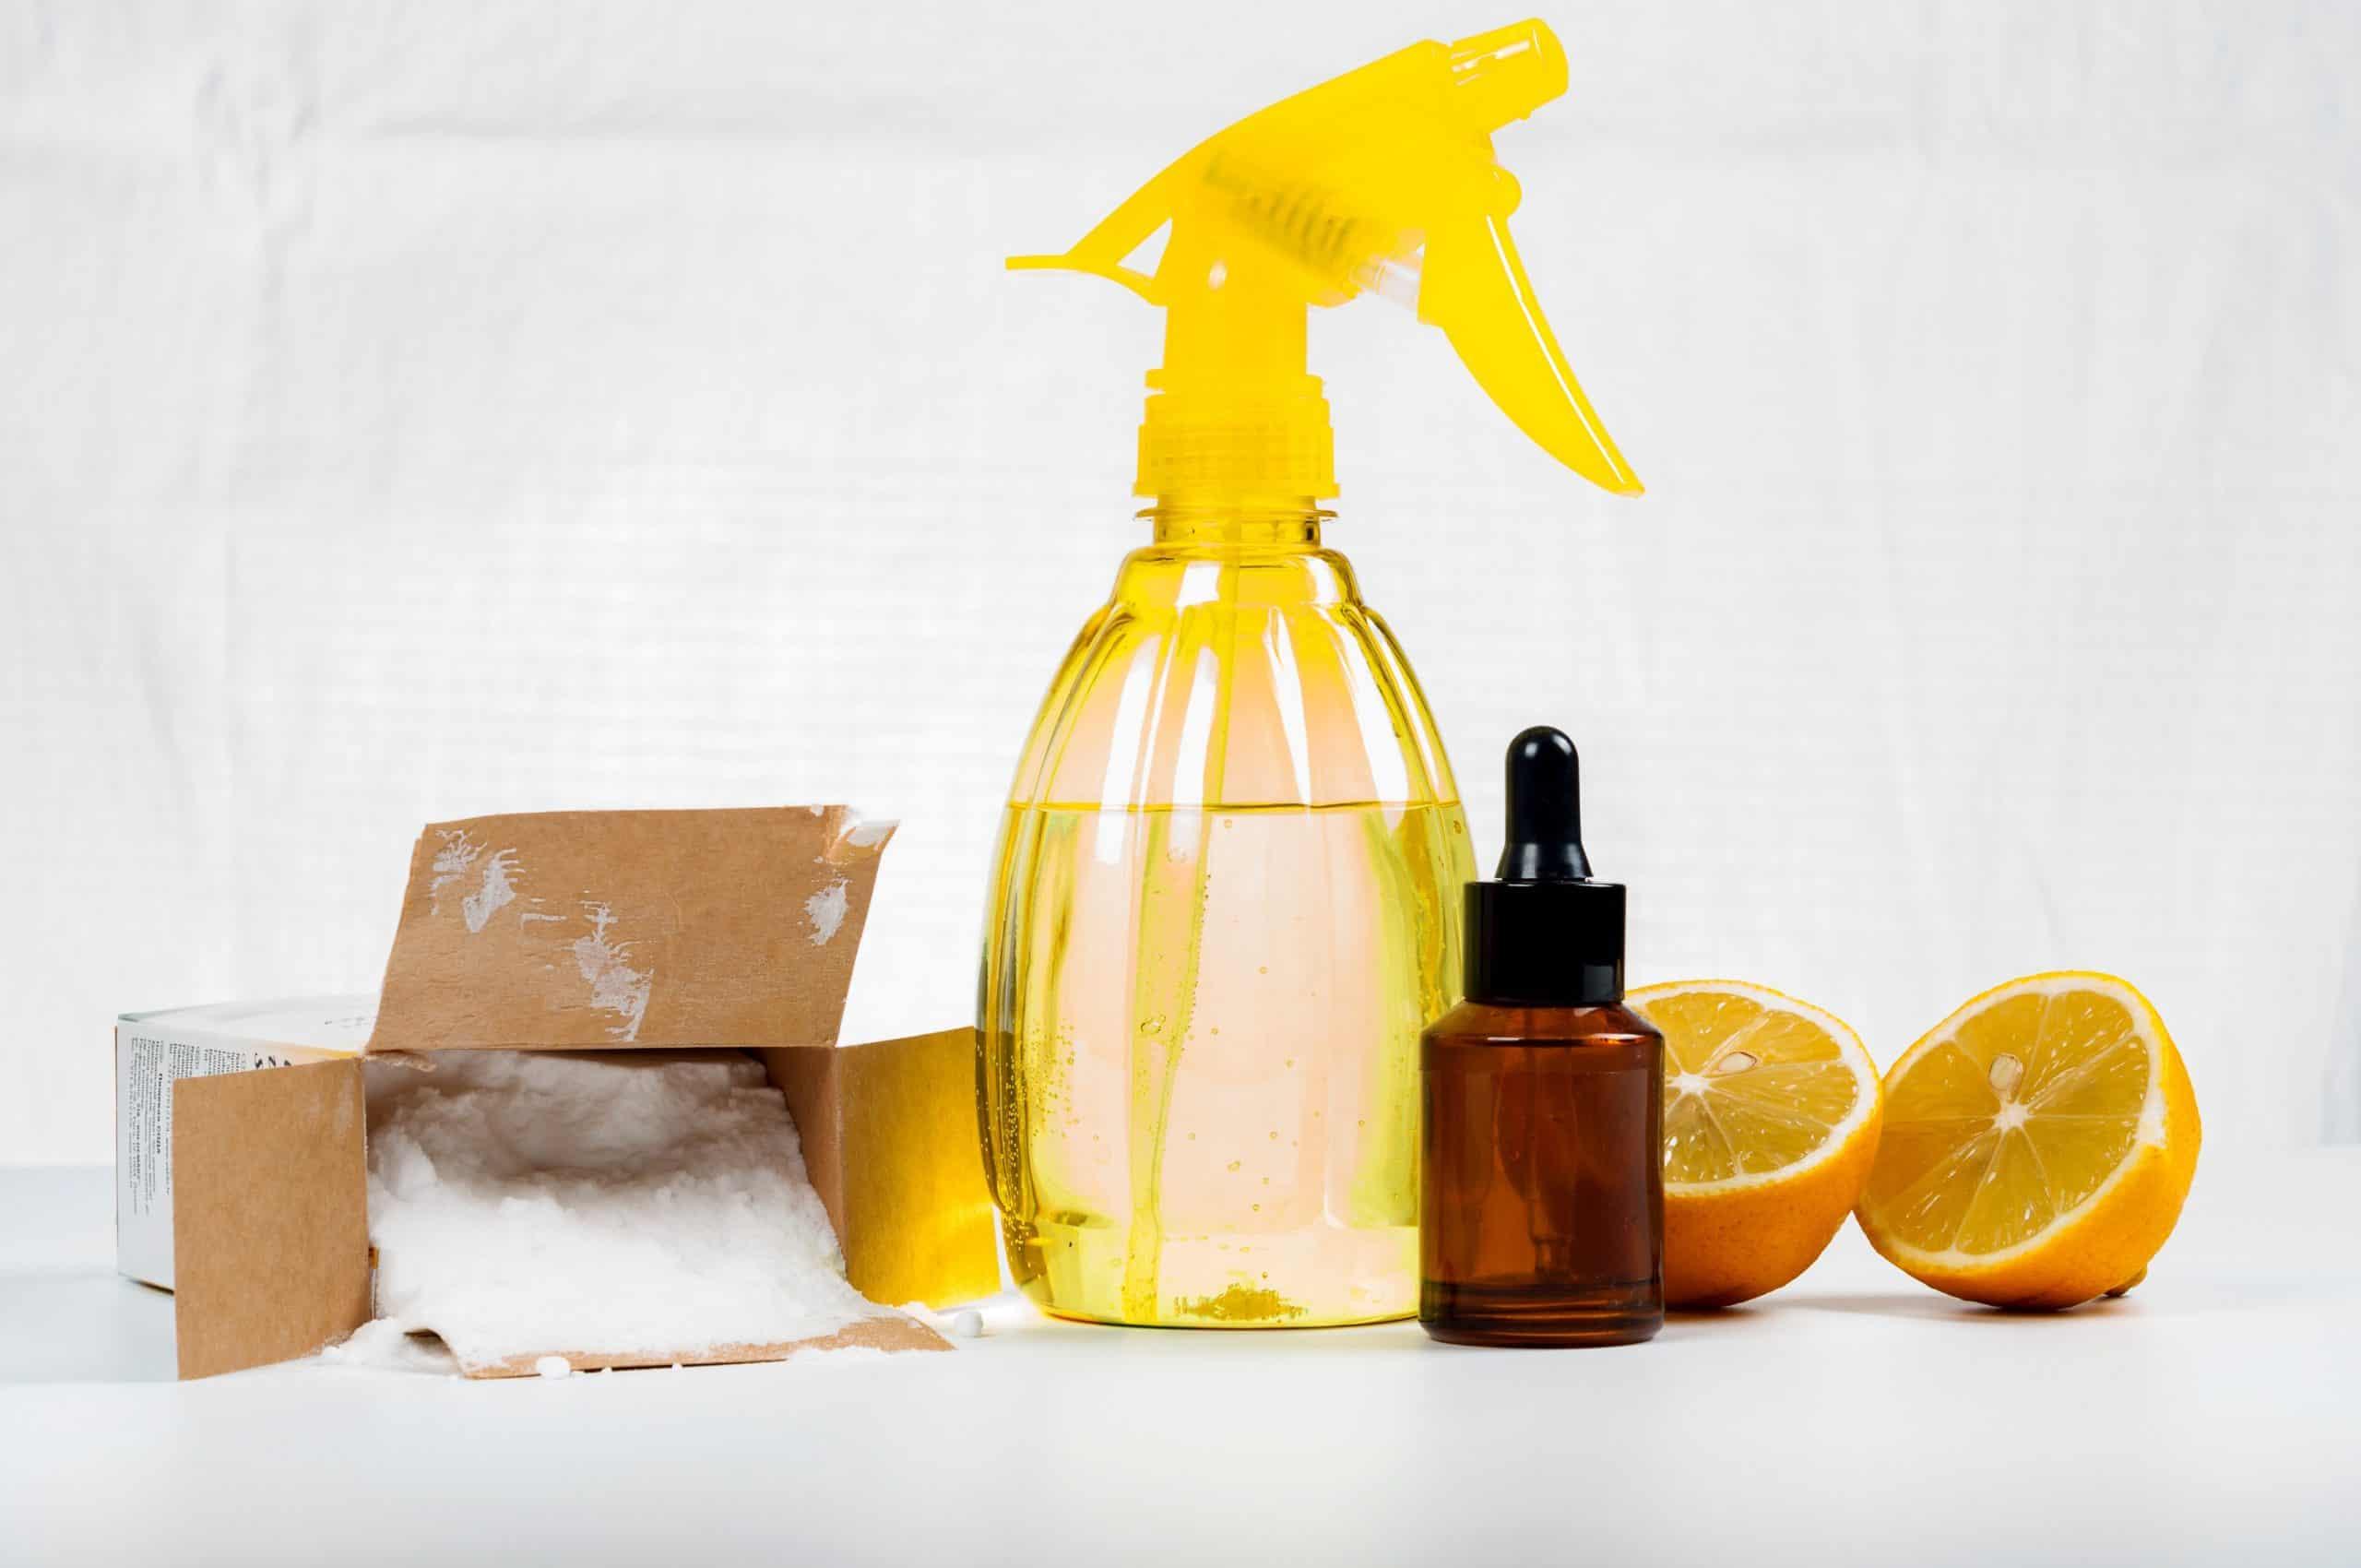 Домашен Препарат За Почистване На Фурна